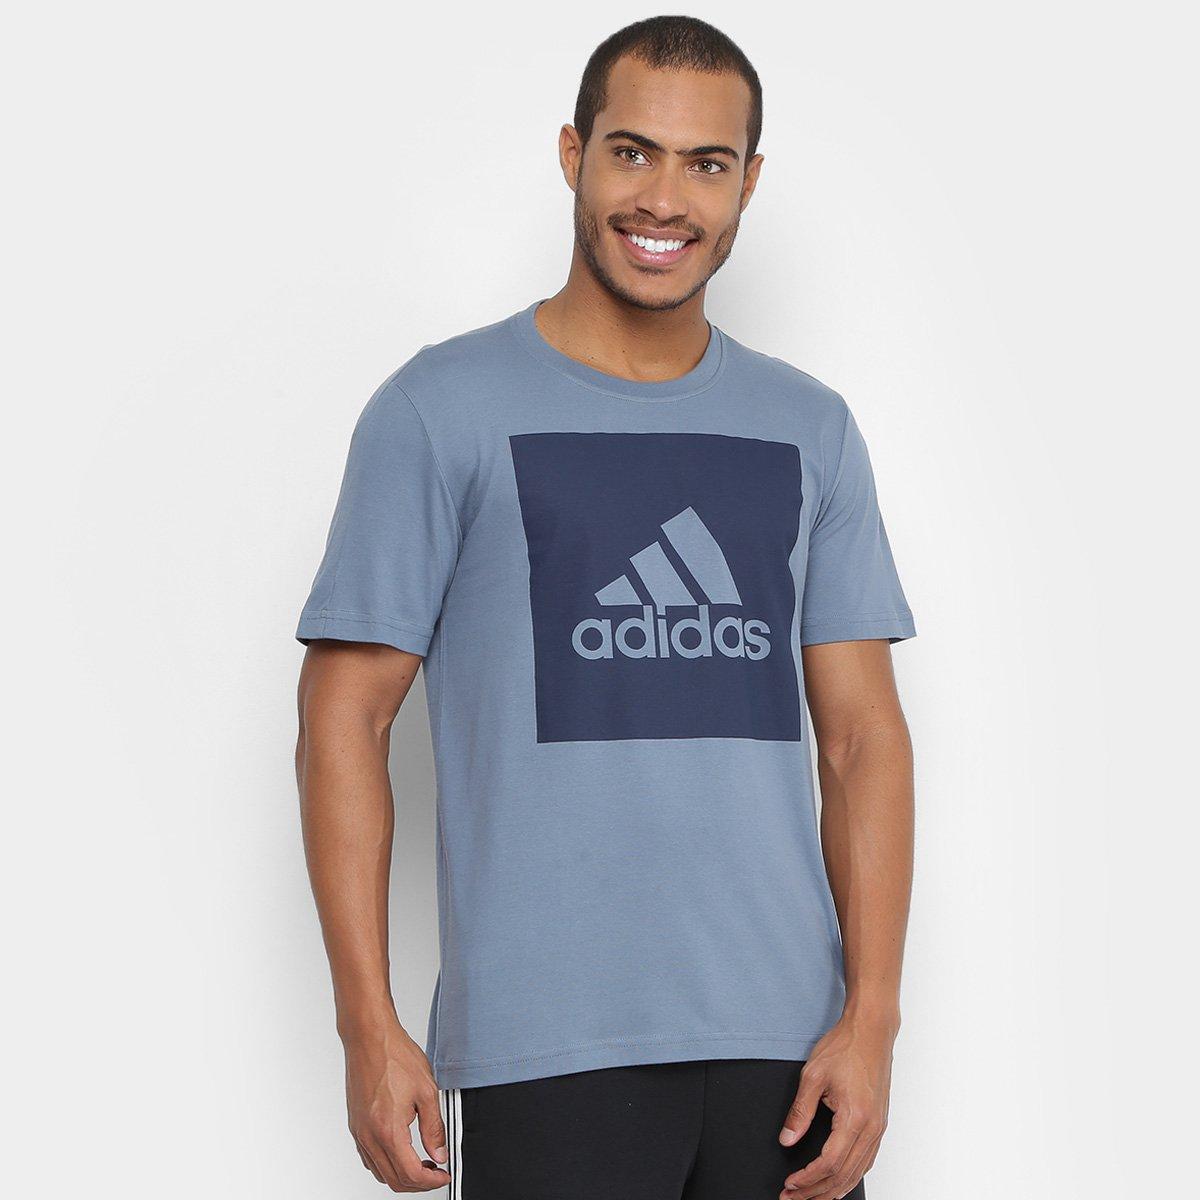 196a5b2476 ... Camiseta Adidas Ess Biglogo Masculina - Chumbo - Compre Agora São ...  bd864efedd0137 ...